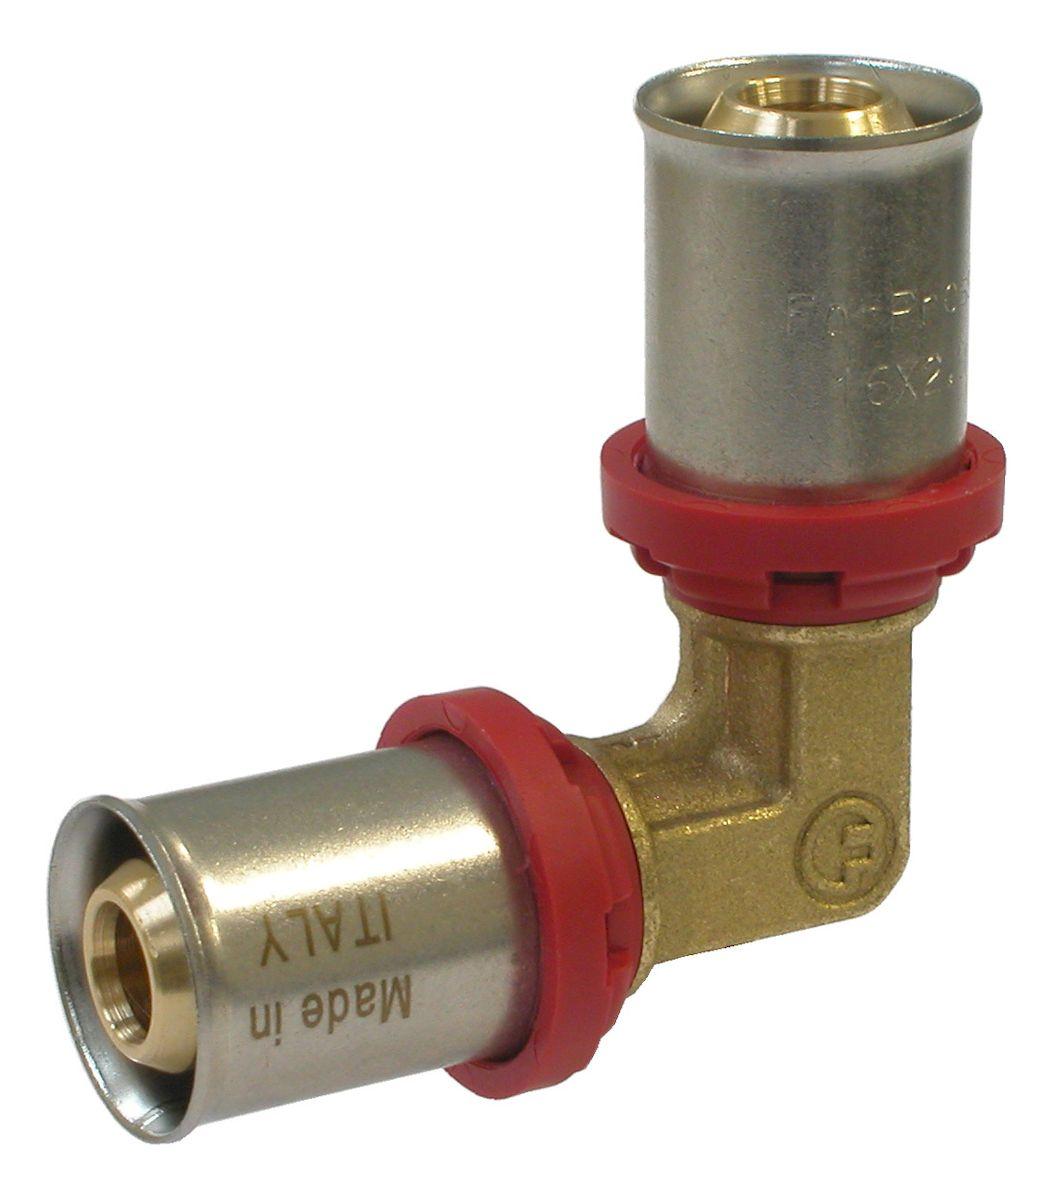 Уголок Fornara под пресс, п - п, 26 х 2630651Уголок Fornara предназначен для соединения металлопластиковых труб с помощью разводного ключа. Соединение получается разъемным, что позволяет при необходимости заменять уплотнительные кольца, а также производить обслуживание участка трубопровода.